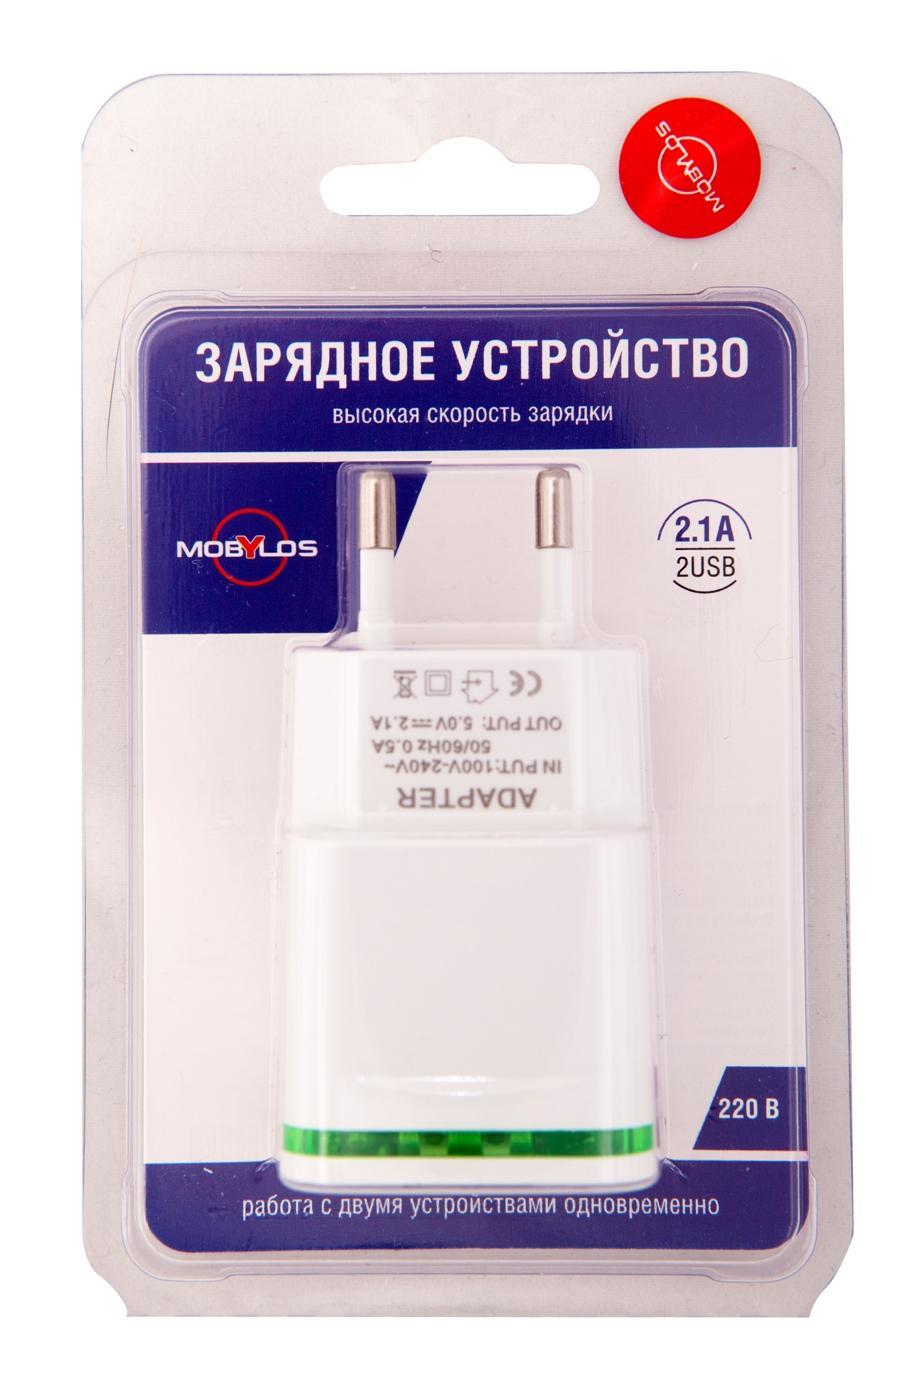 Сетевое зарядное устройство Mobylos, 30024, цвет белый сетевое зарядное устройство samsung ep ta20ebecgru usb type c 2 1а чёрный